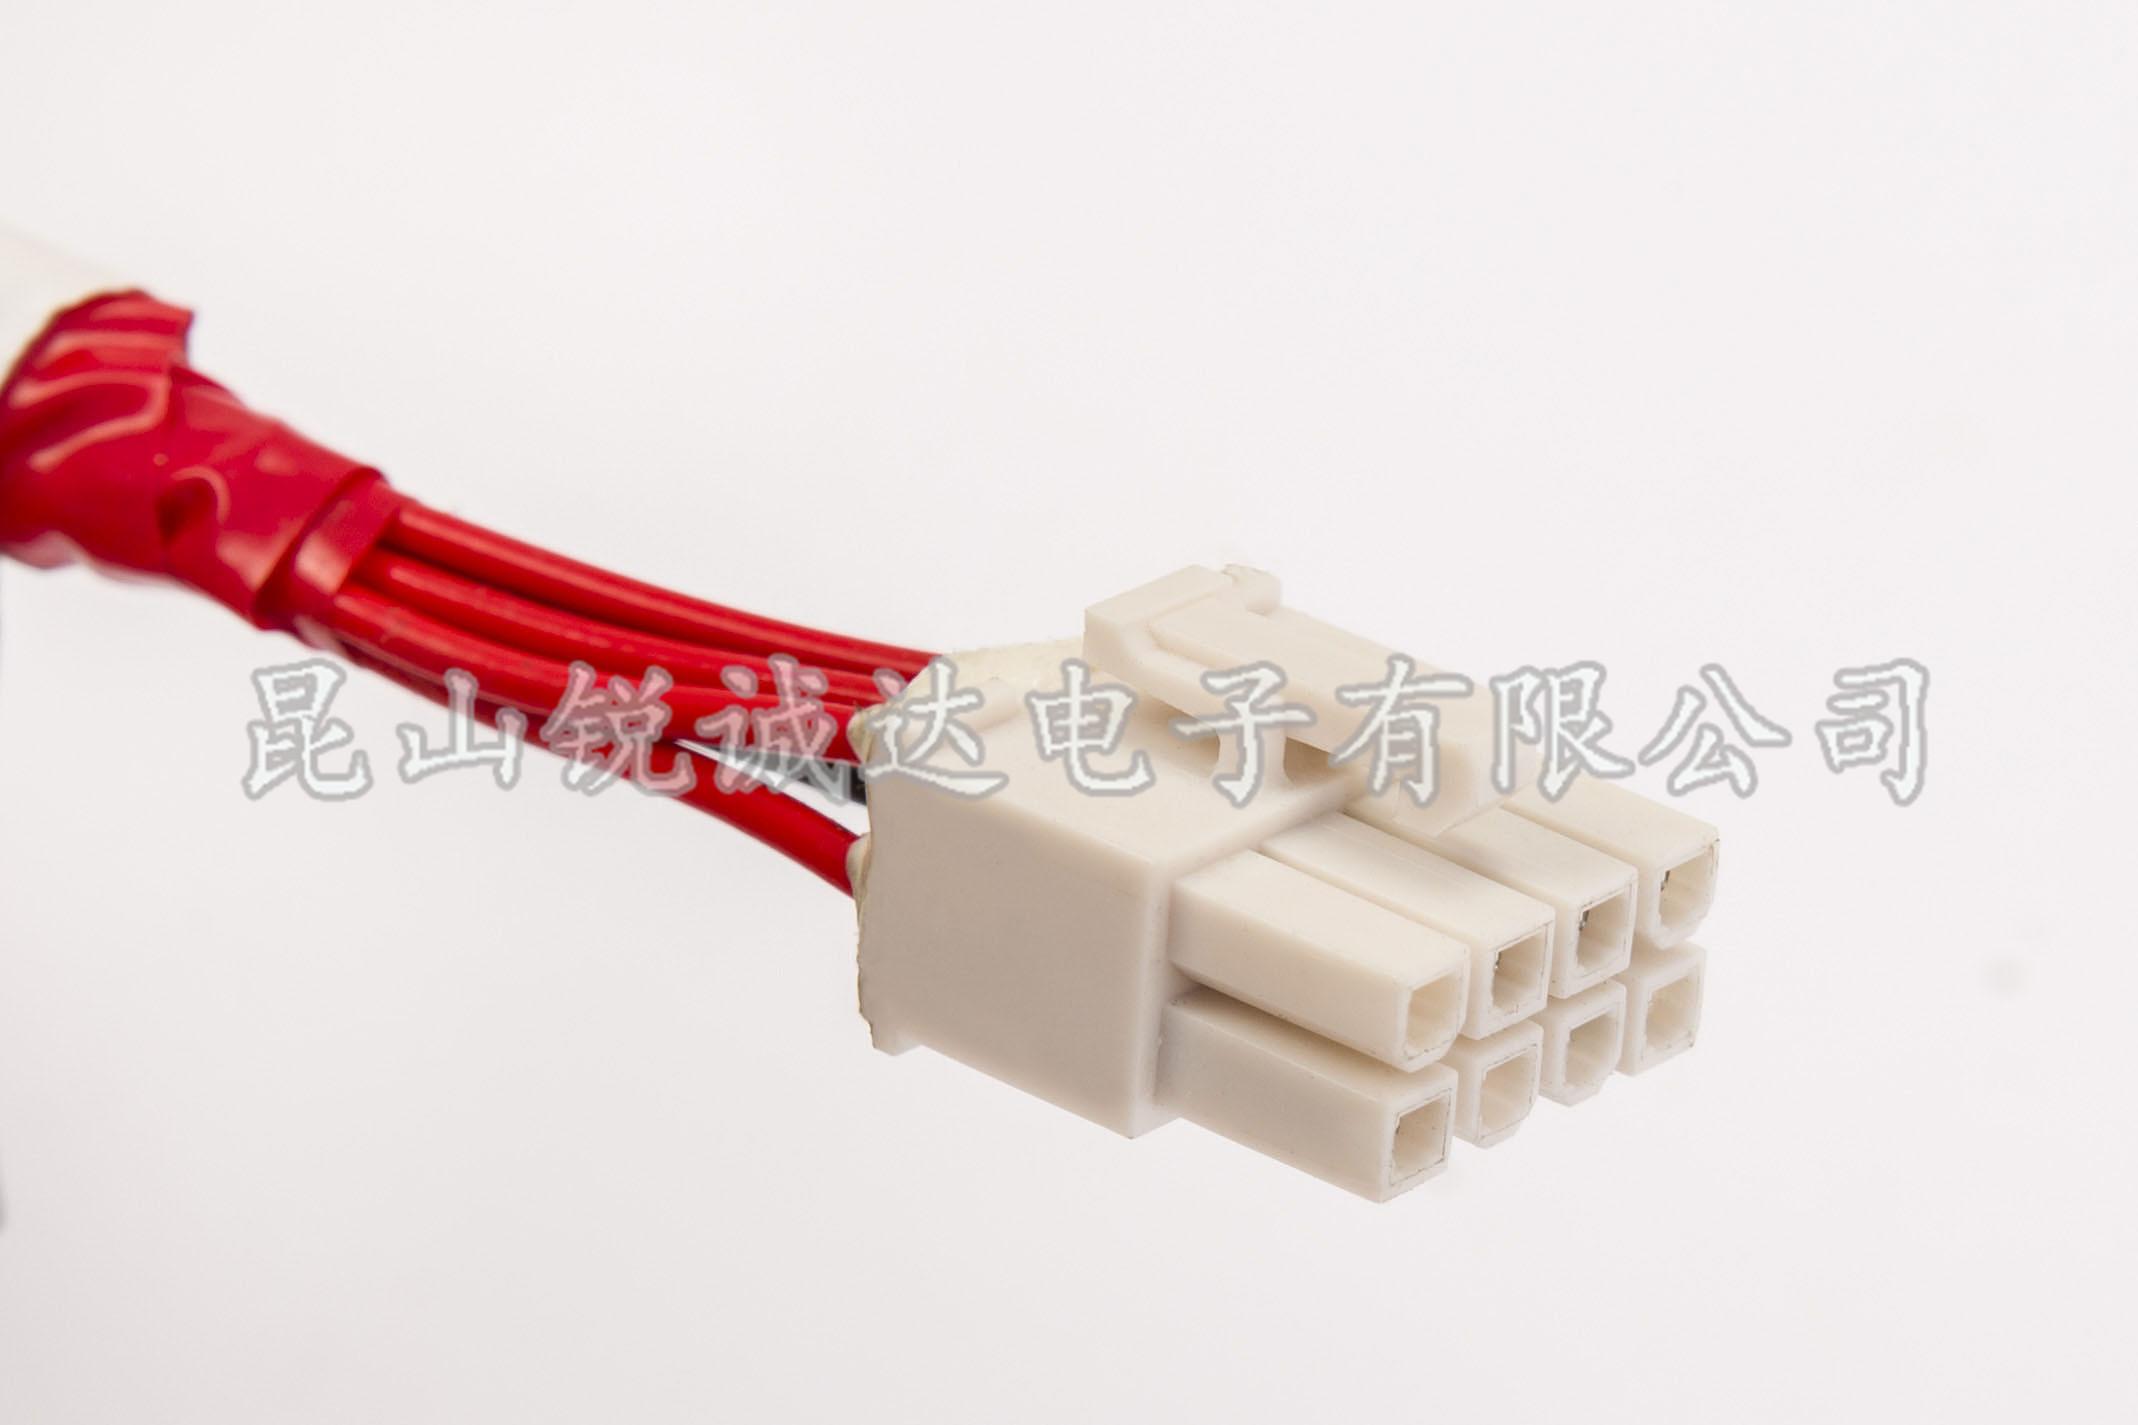 上海采集线束批量生产 欢迎来电 锐诚达供